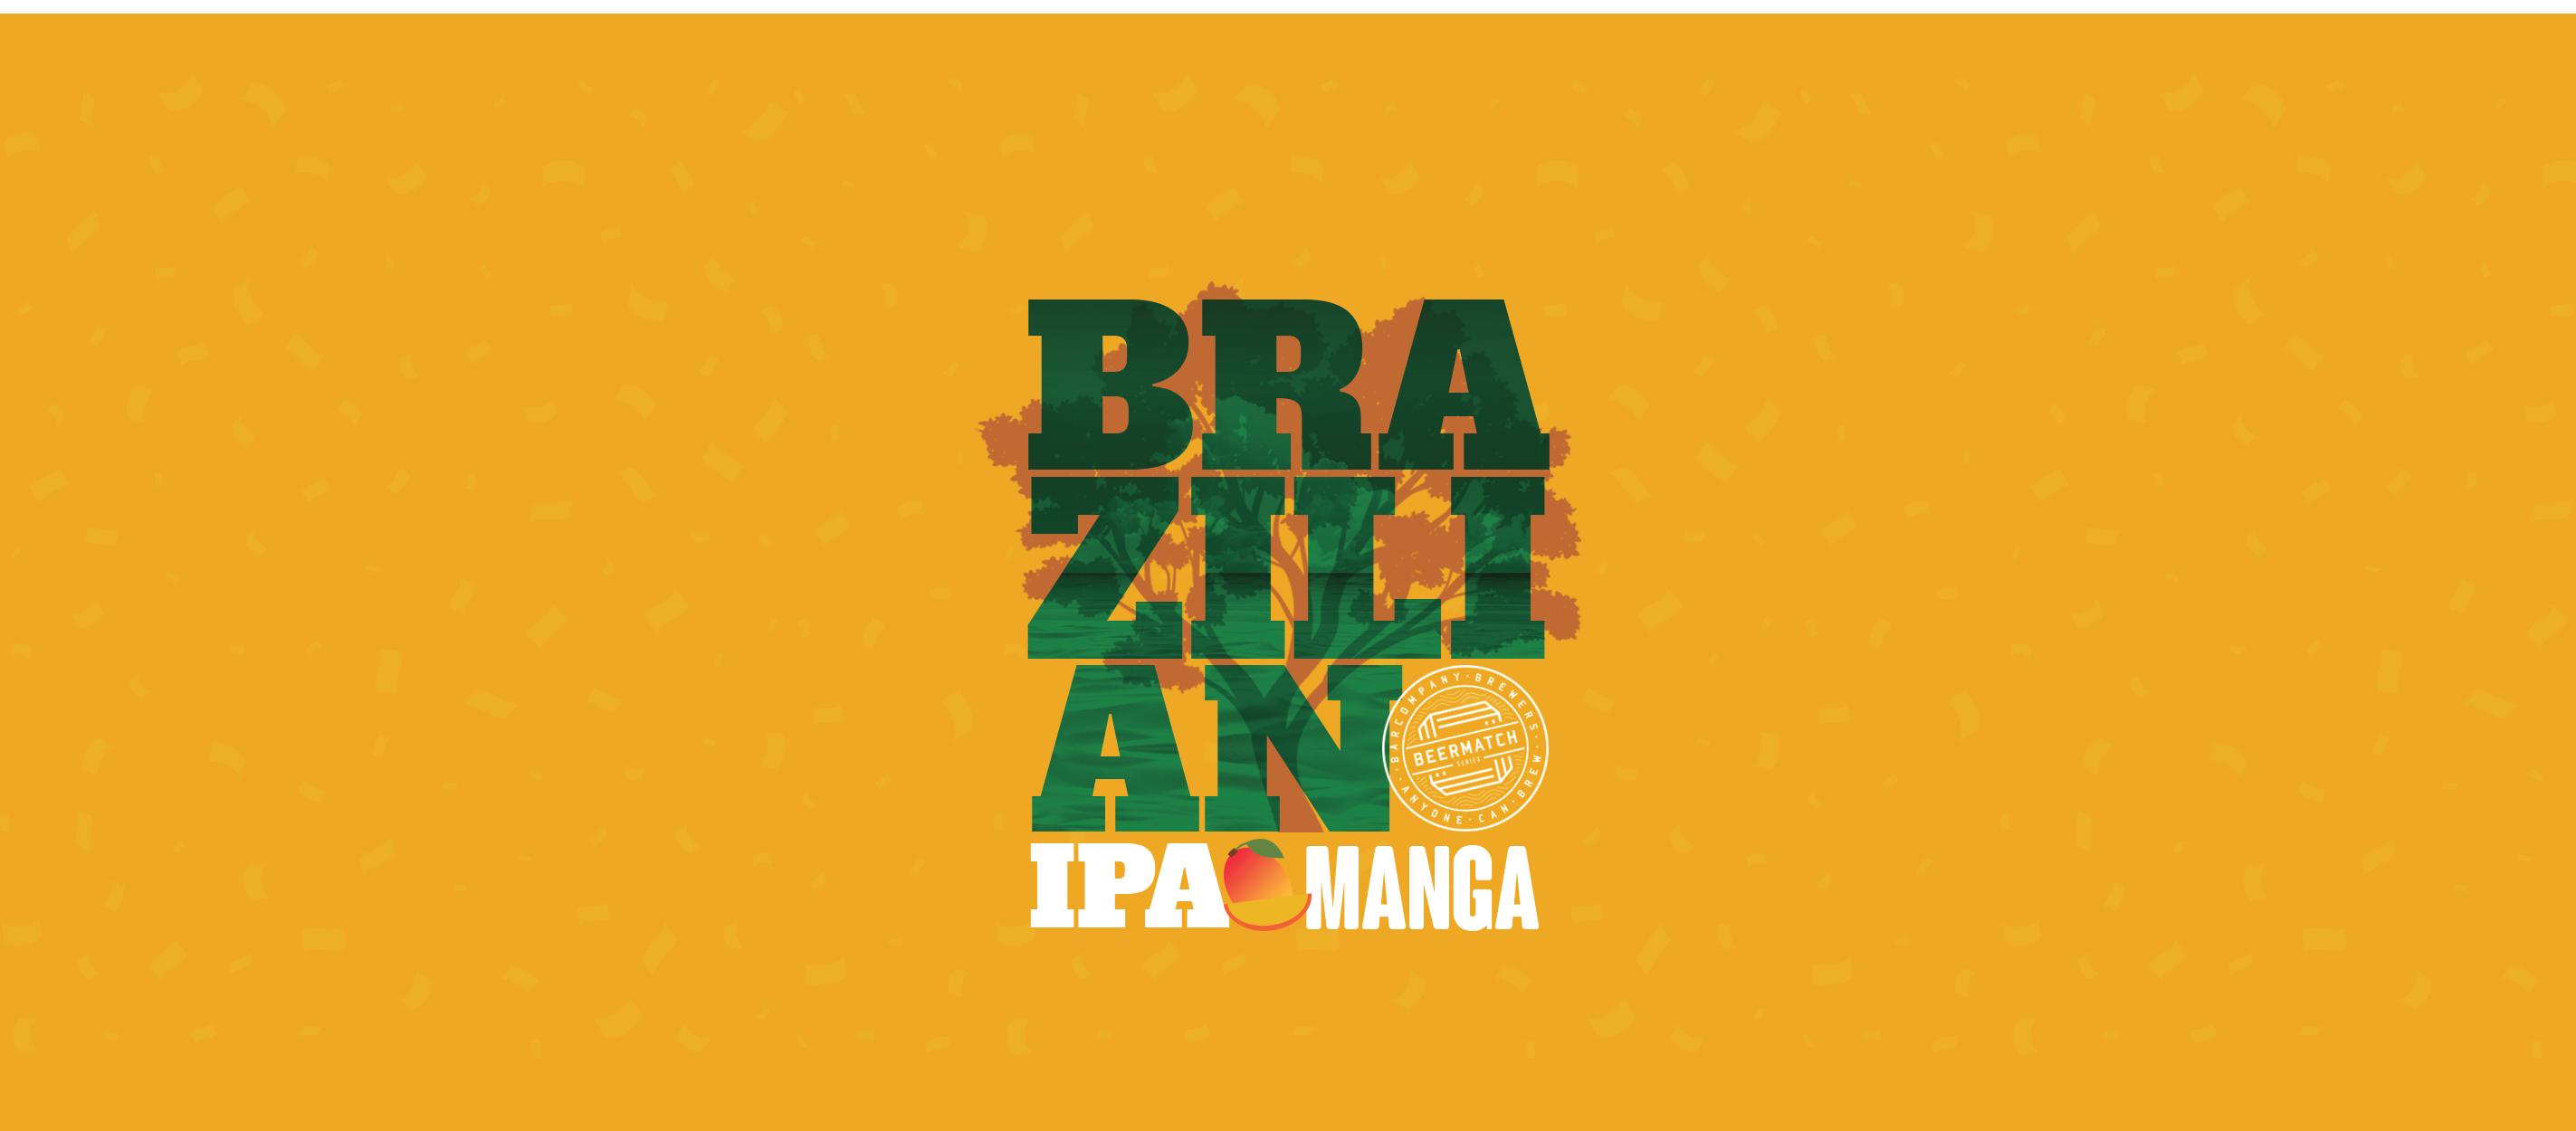 AF_BARCO_BEERMATCH_BRAZILIAN_IPA_MANGA